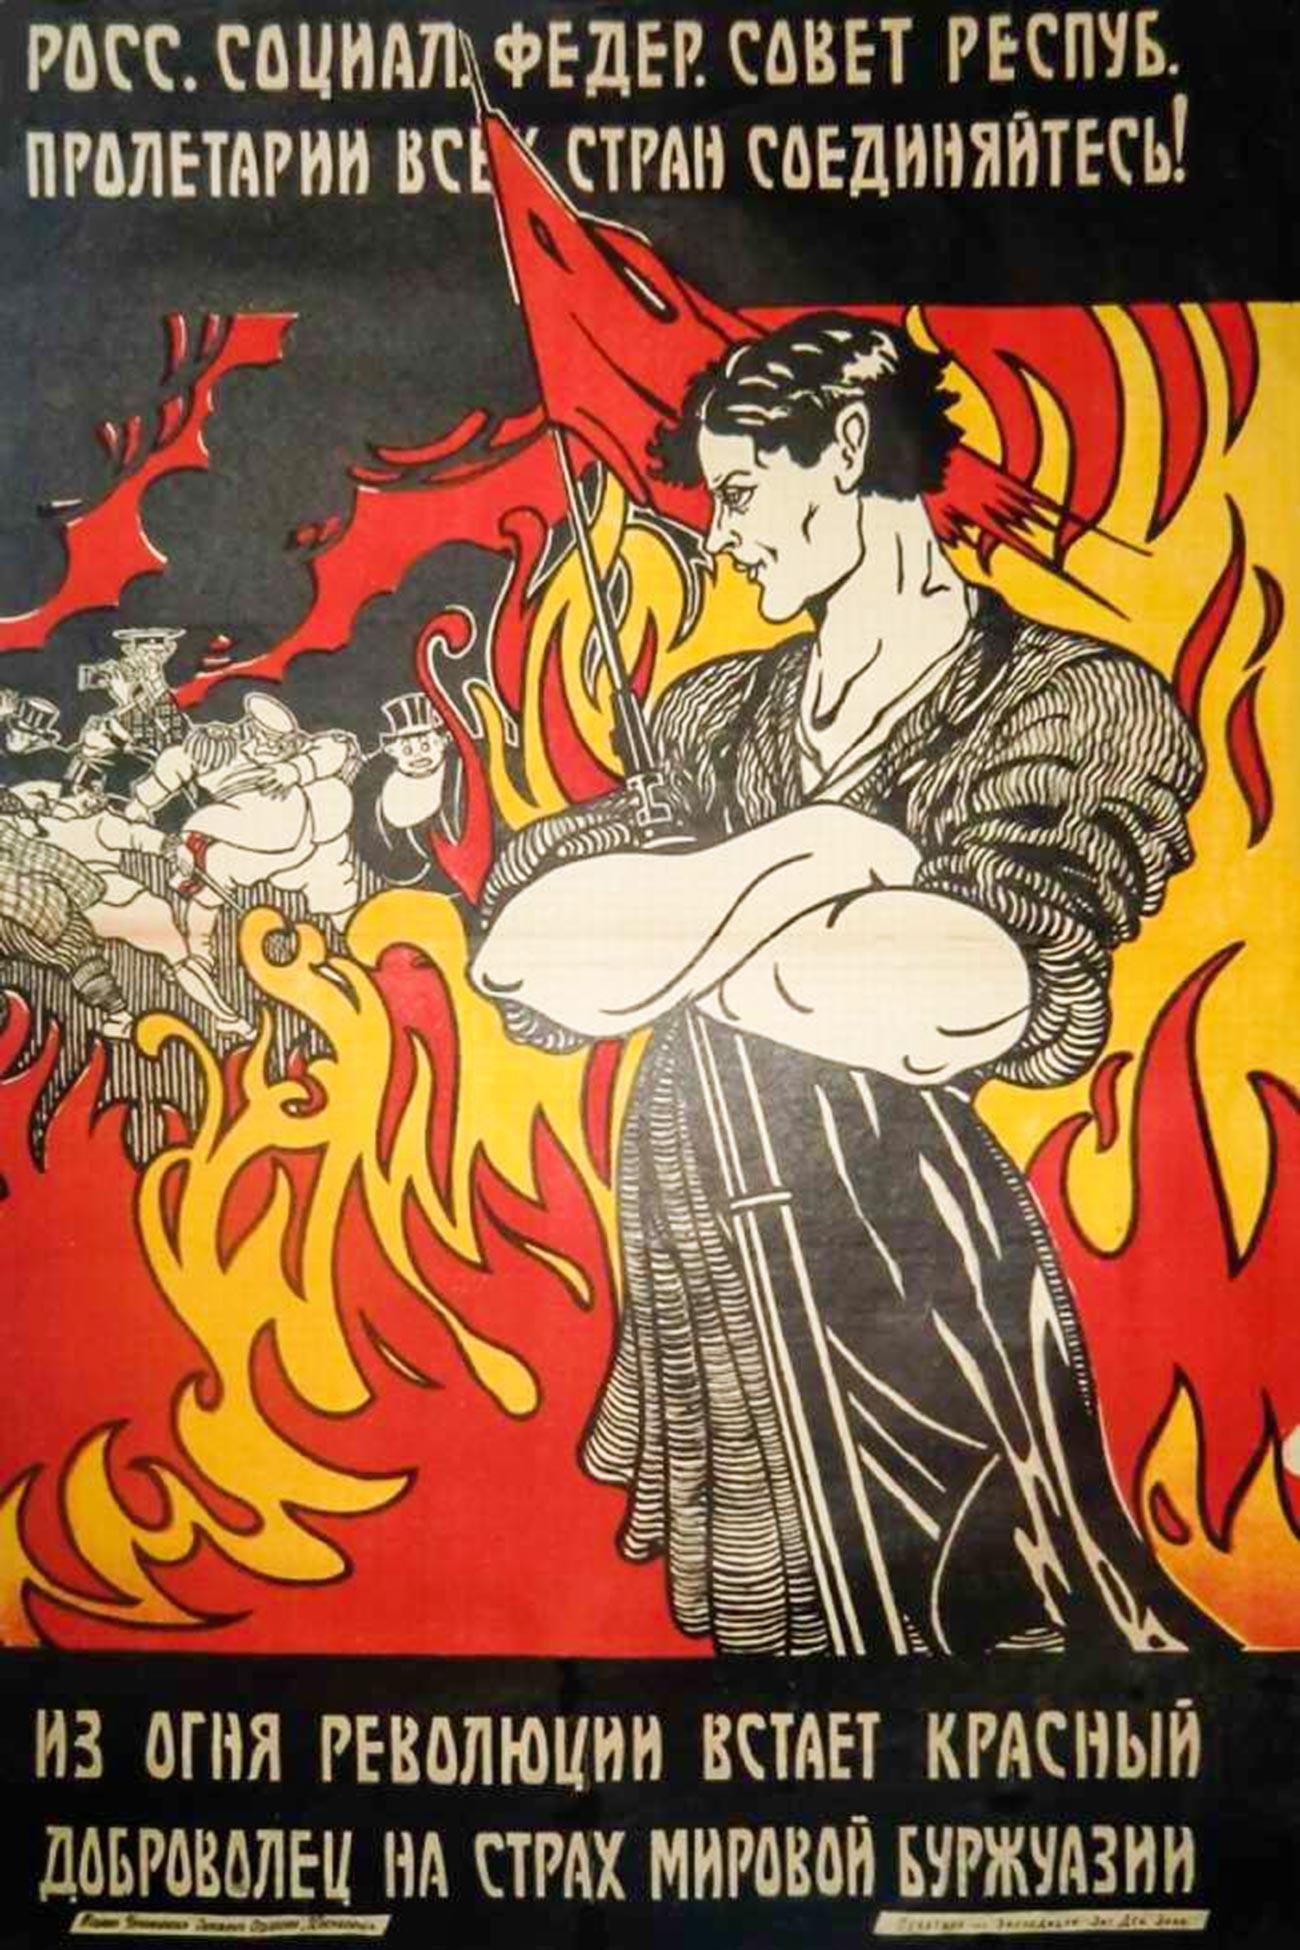 République socialiste fédérative soviétique de Russie. Prolétaires de tous les pays, unissez-vous ! Depuis les flammes révolutionnaires se lève un volontaire rouge, crainte de la bourgeoisie mondiale.